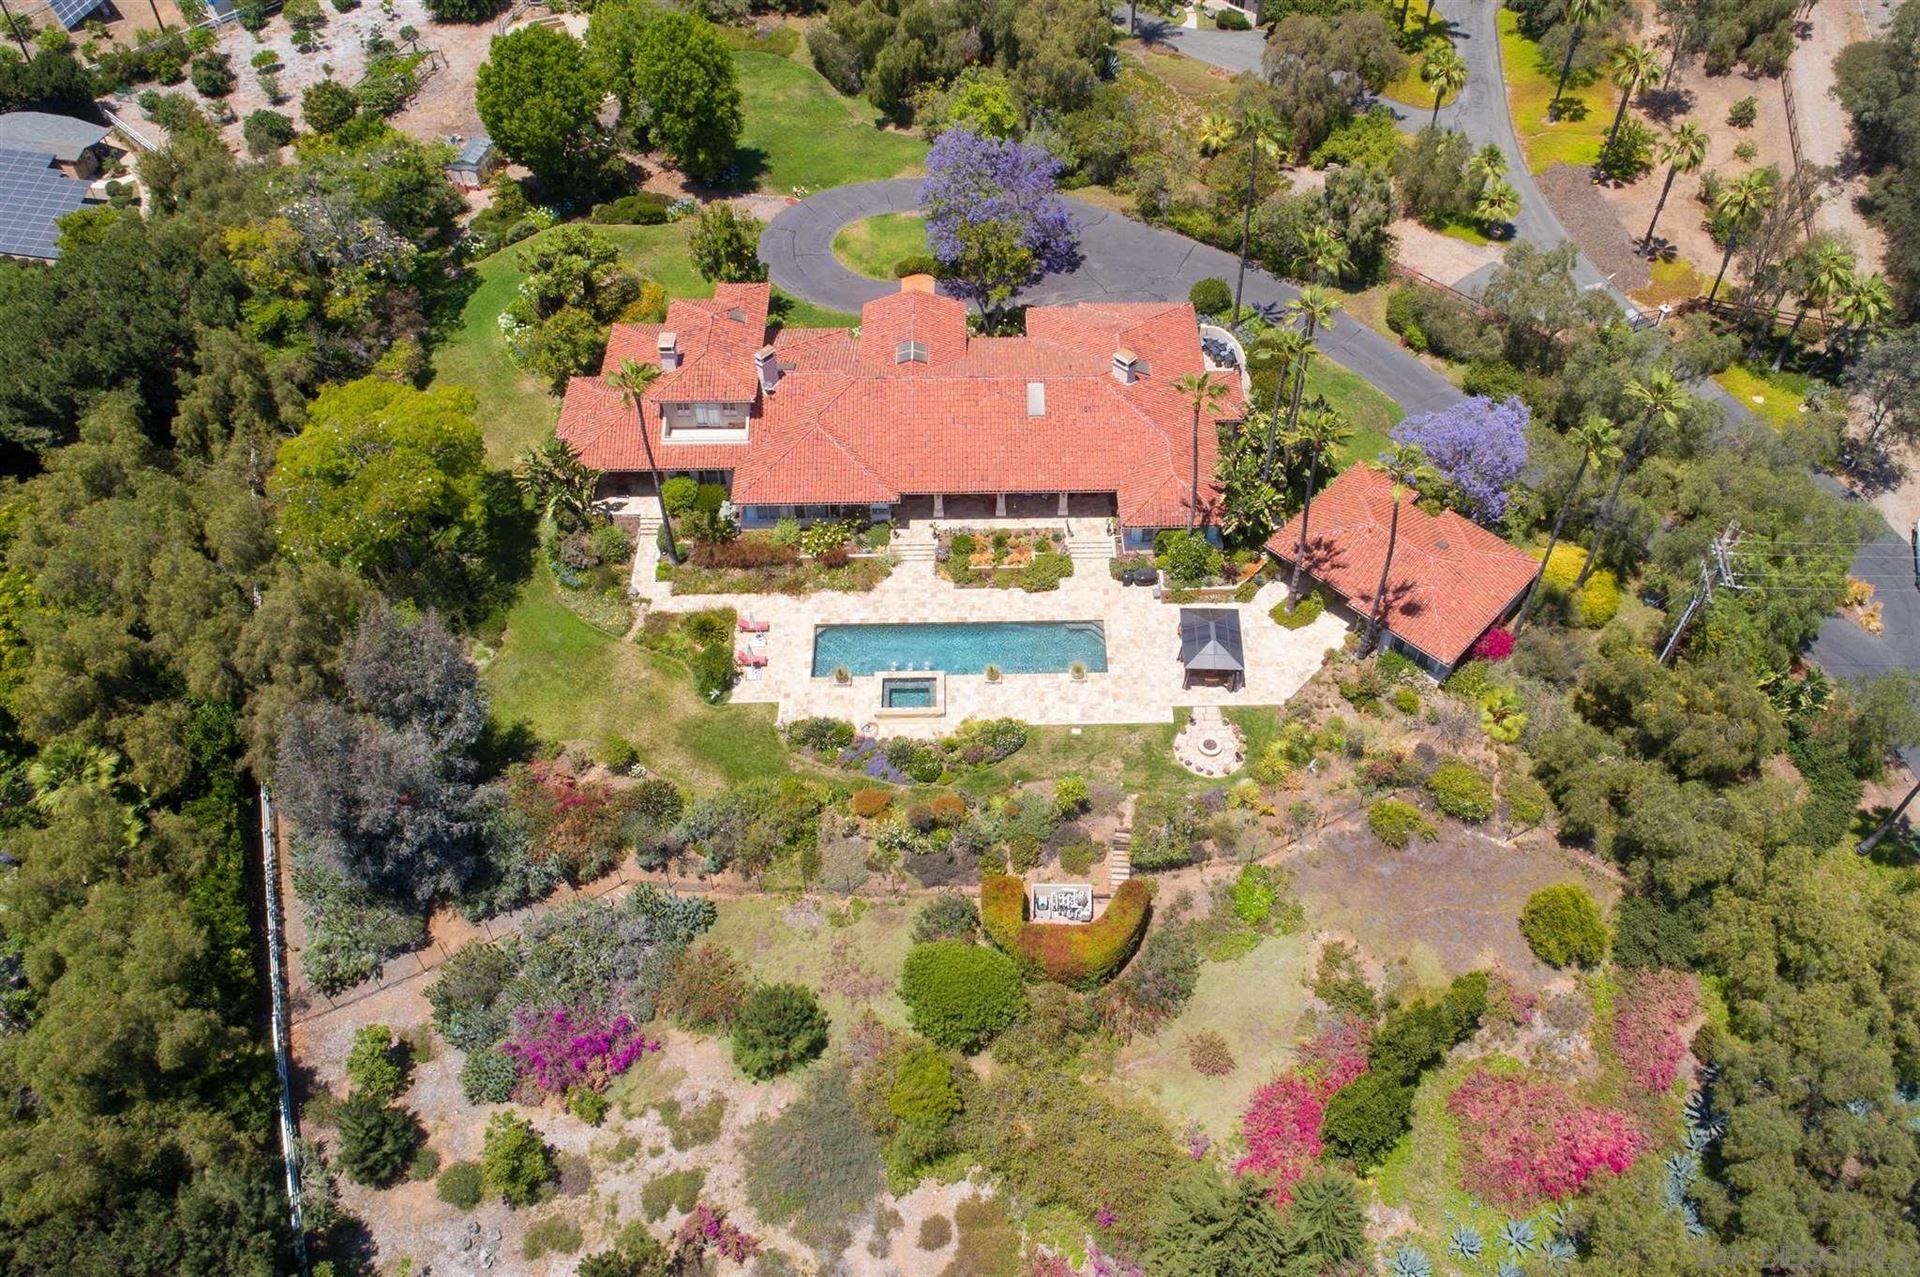 Photo of 18022 Loma Alegre, Rancho Santa Fe, CA 92067 (MLS # 210018273)